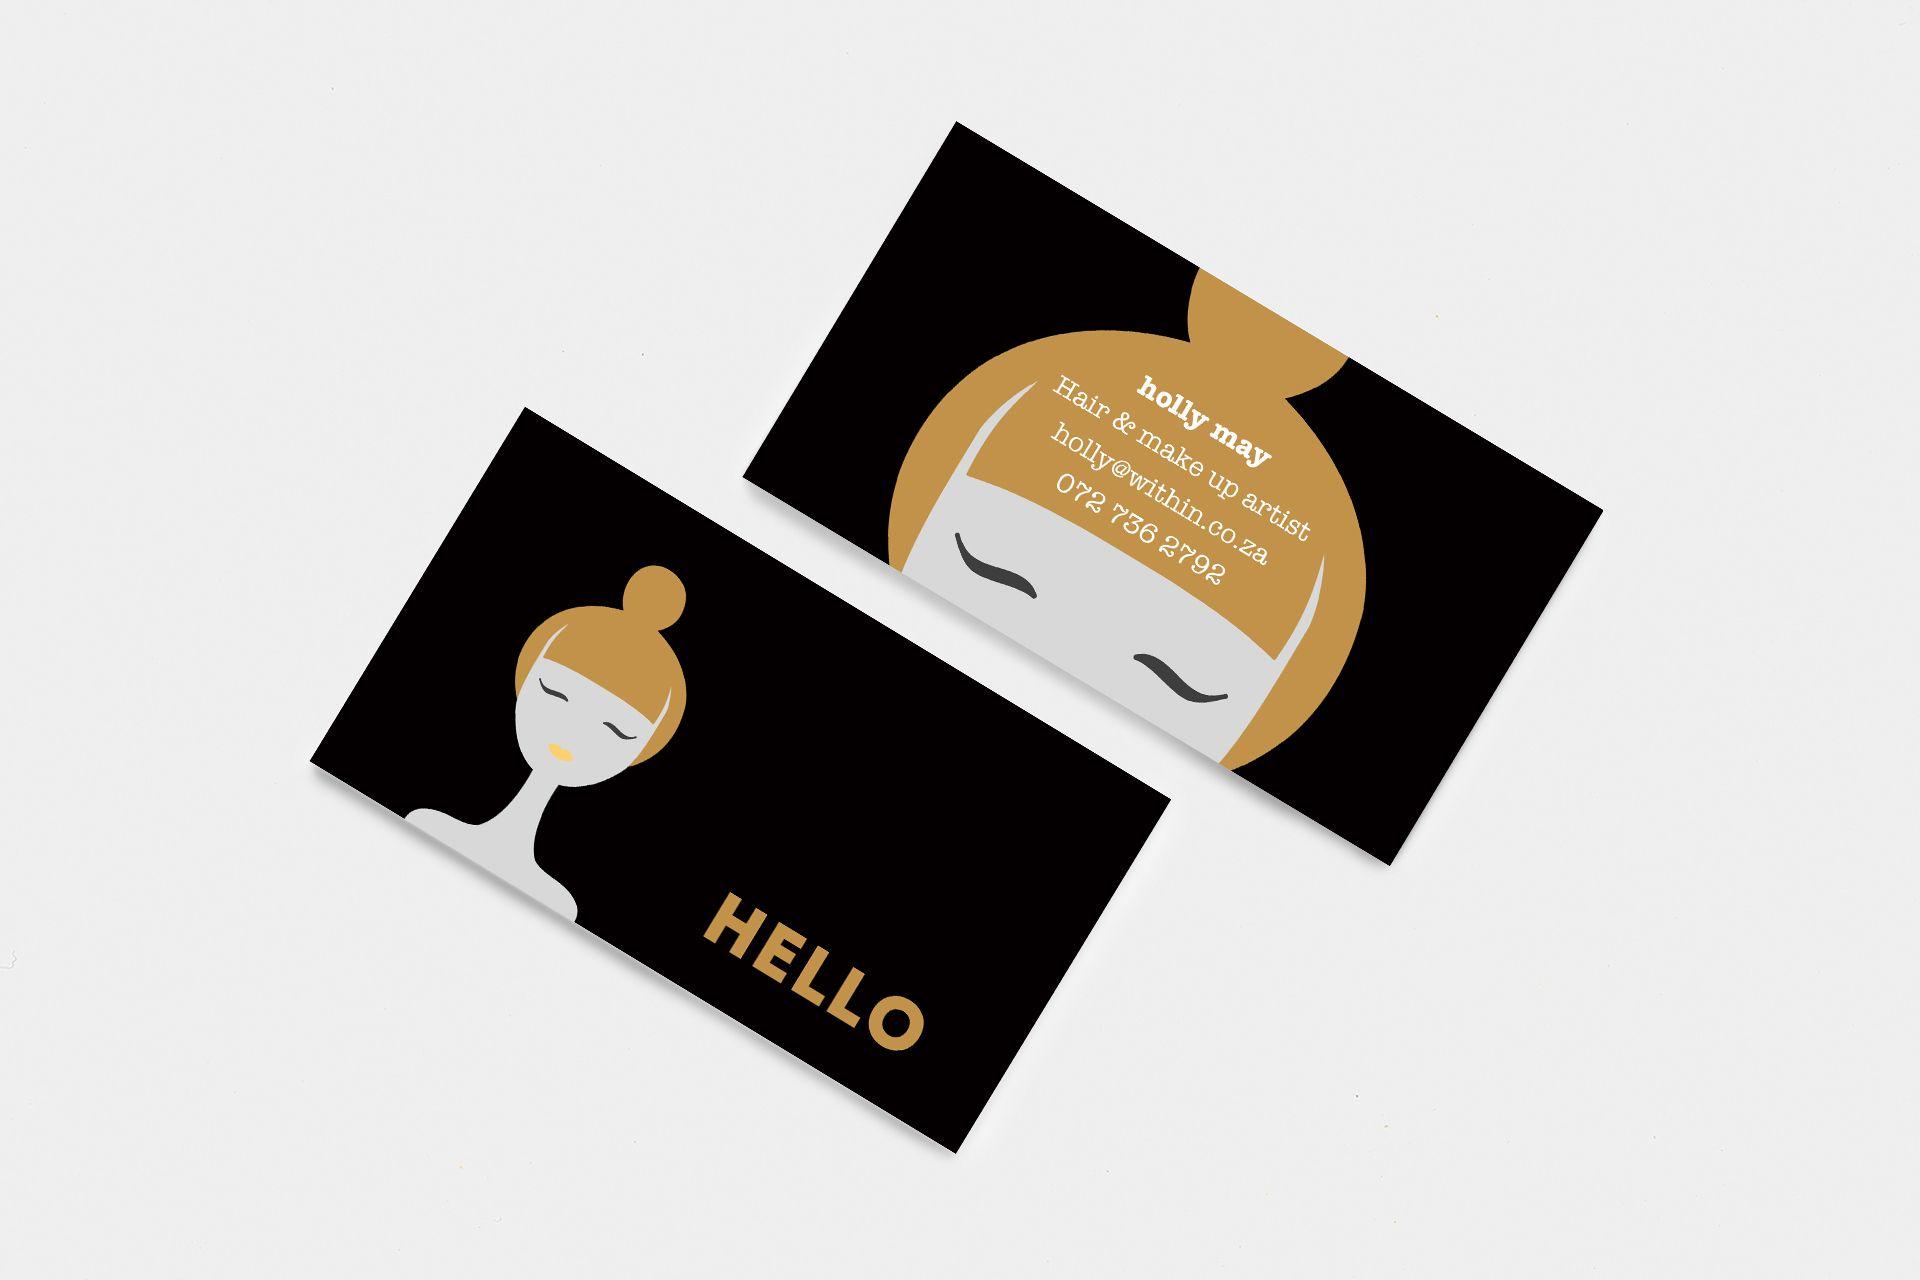 Wo Kann Ich Meine Drucken Visitenkarten Online Plus Kann